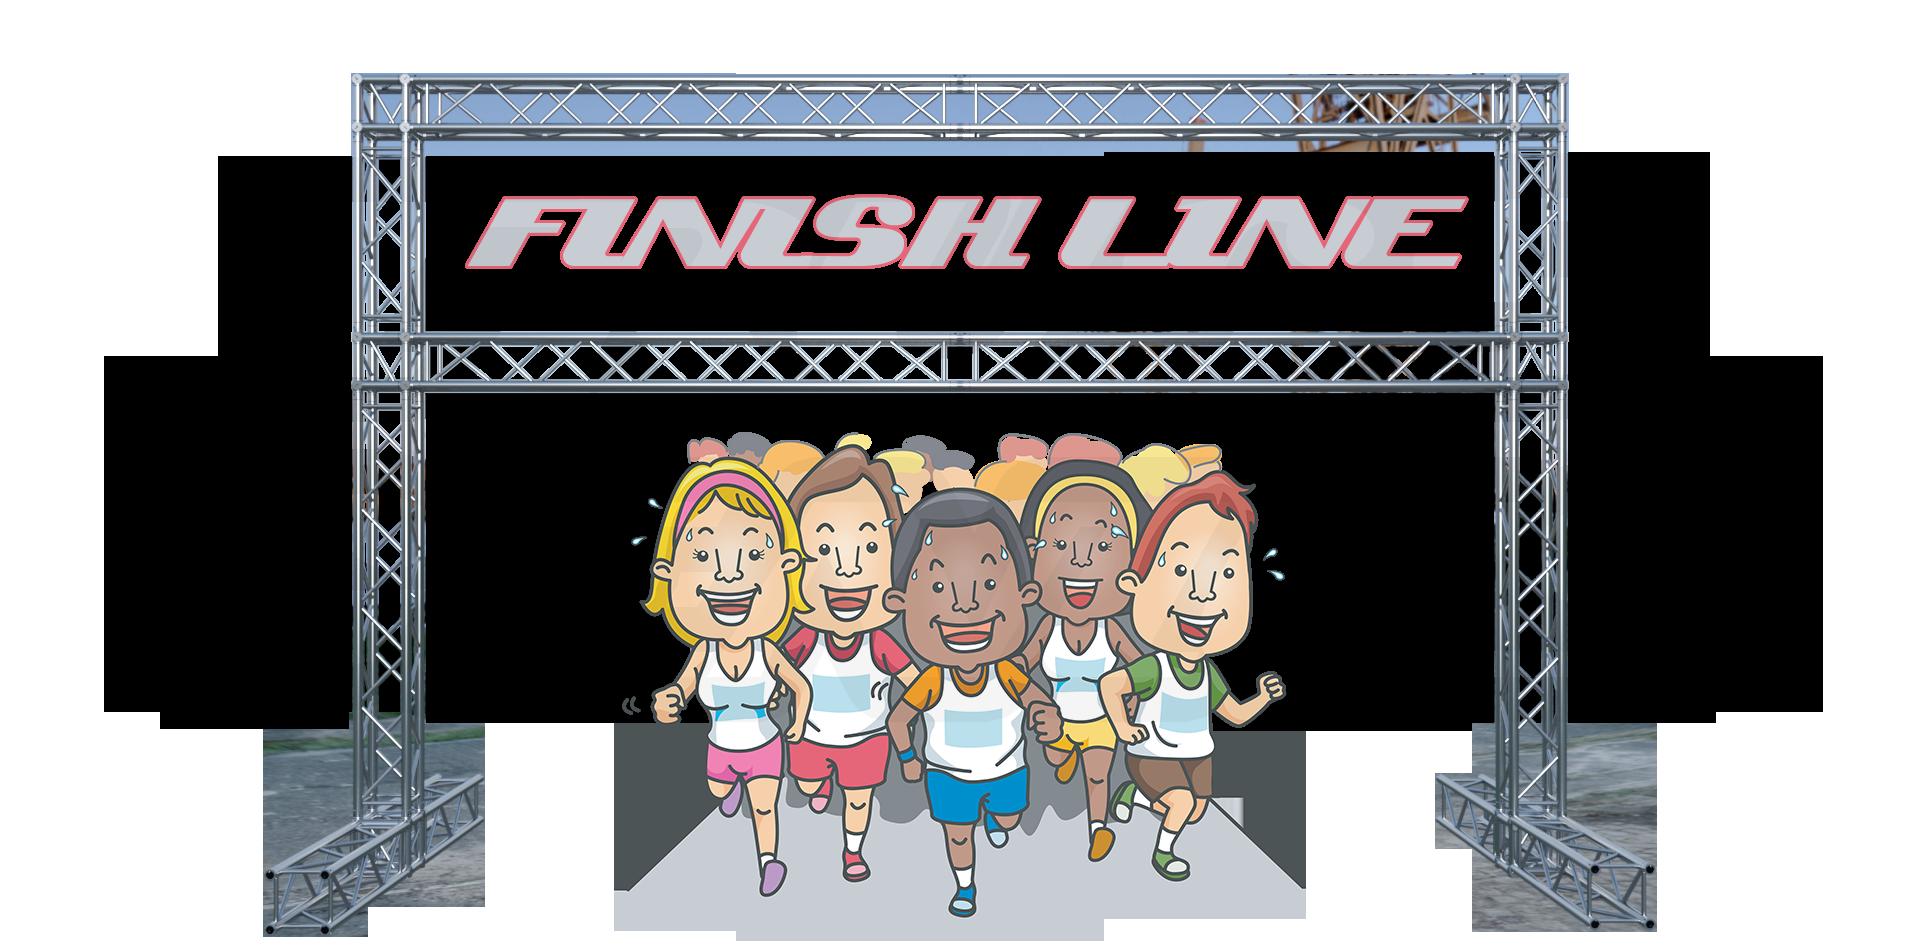 finish line - photo #21